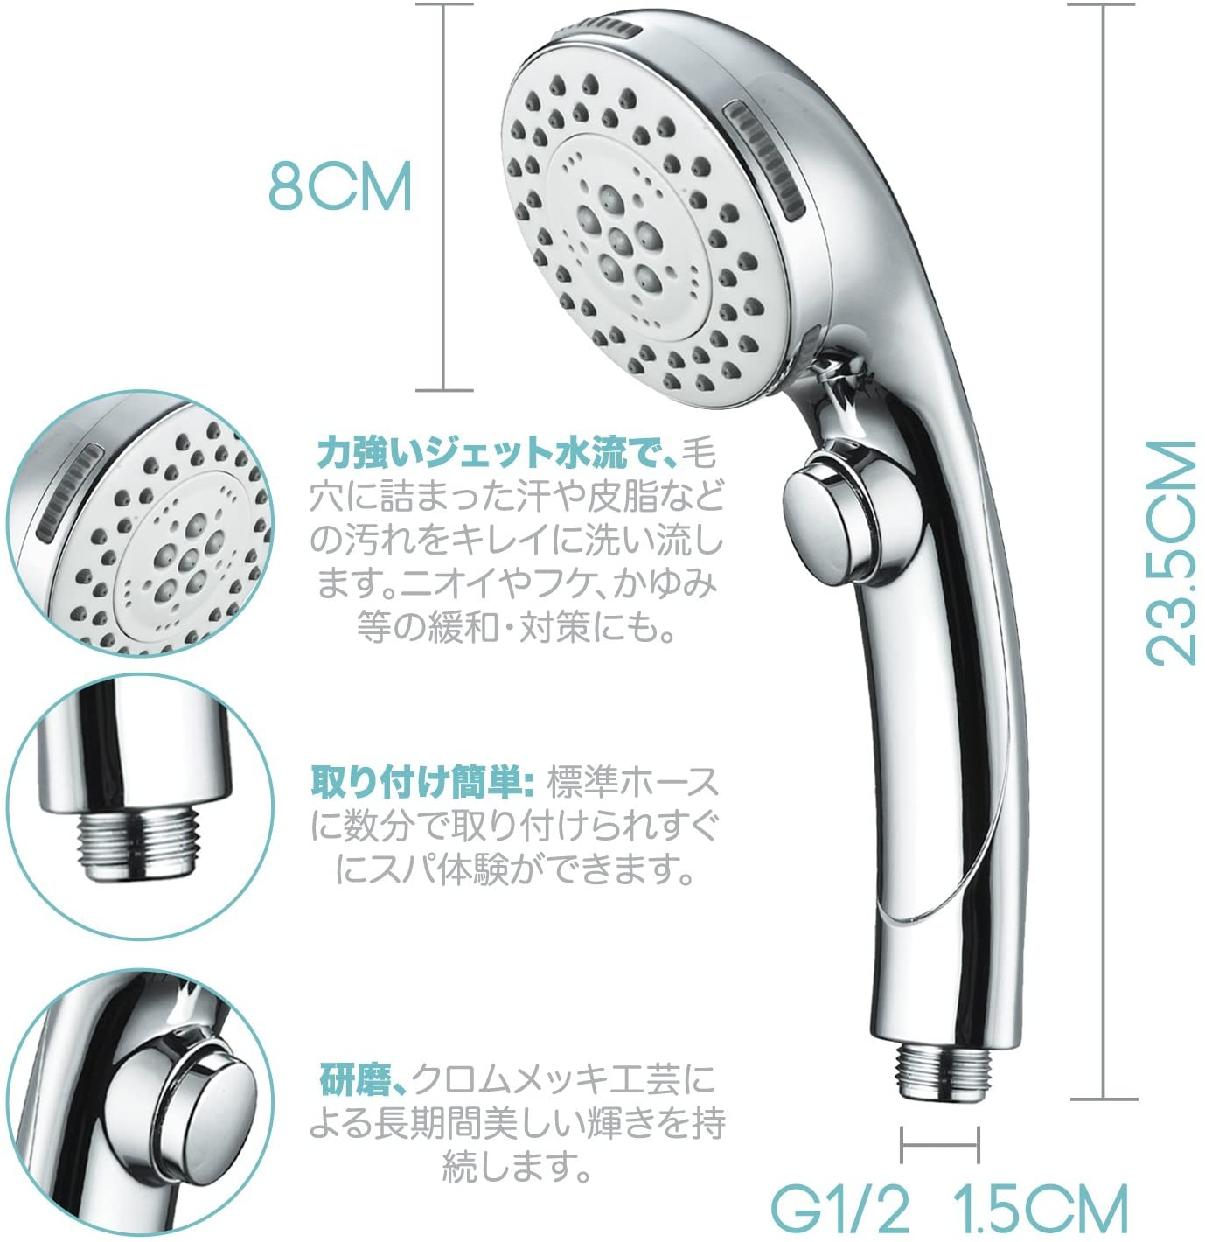 Aqua Love(あくあらぶ)シャワーヘッドの商品画像3